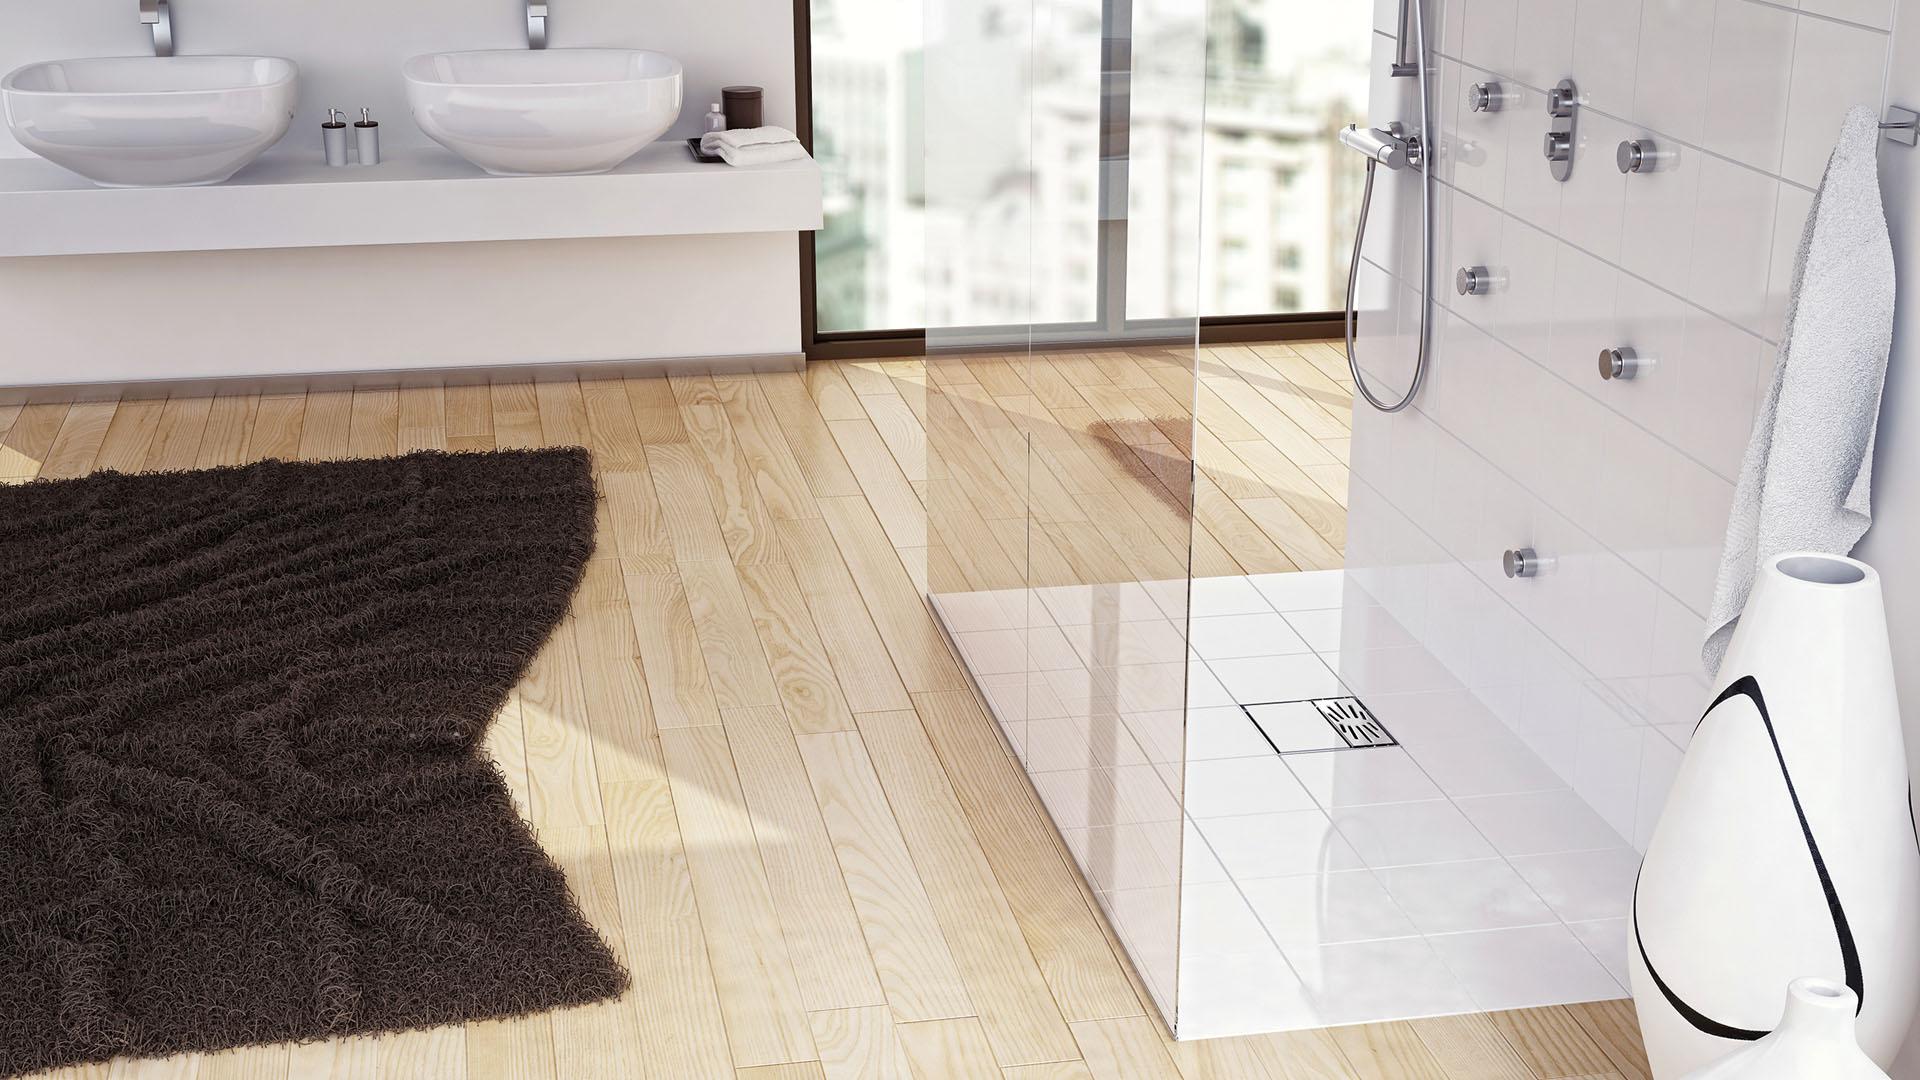 Full Size of Bodengleiche Dusche Schulte Duschen Werksverkauf Fliesen Begehbare Ohne Tür Nachträglich Einbauen Bluetooth Lautsprecher Glaswand Walk In Kleine Bäder Mit Dusche Bodengleiche Dusche